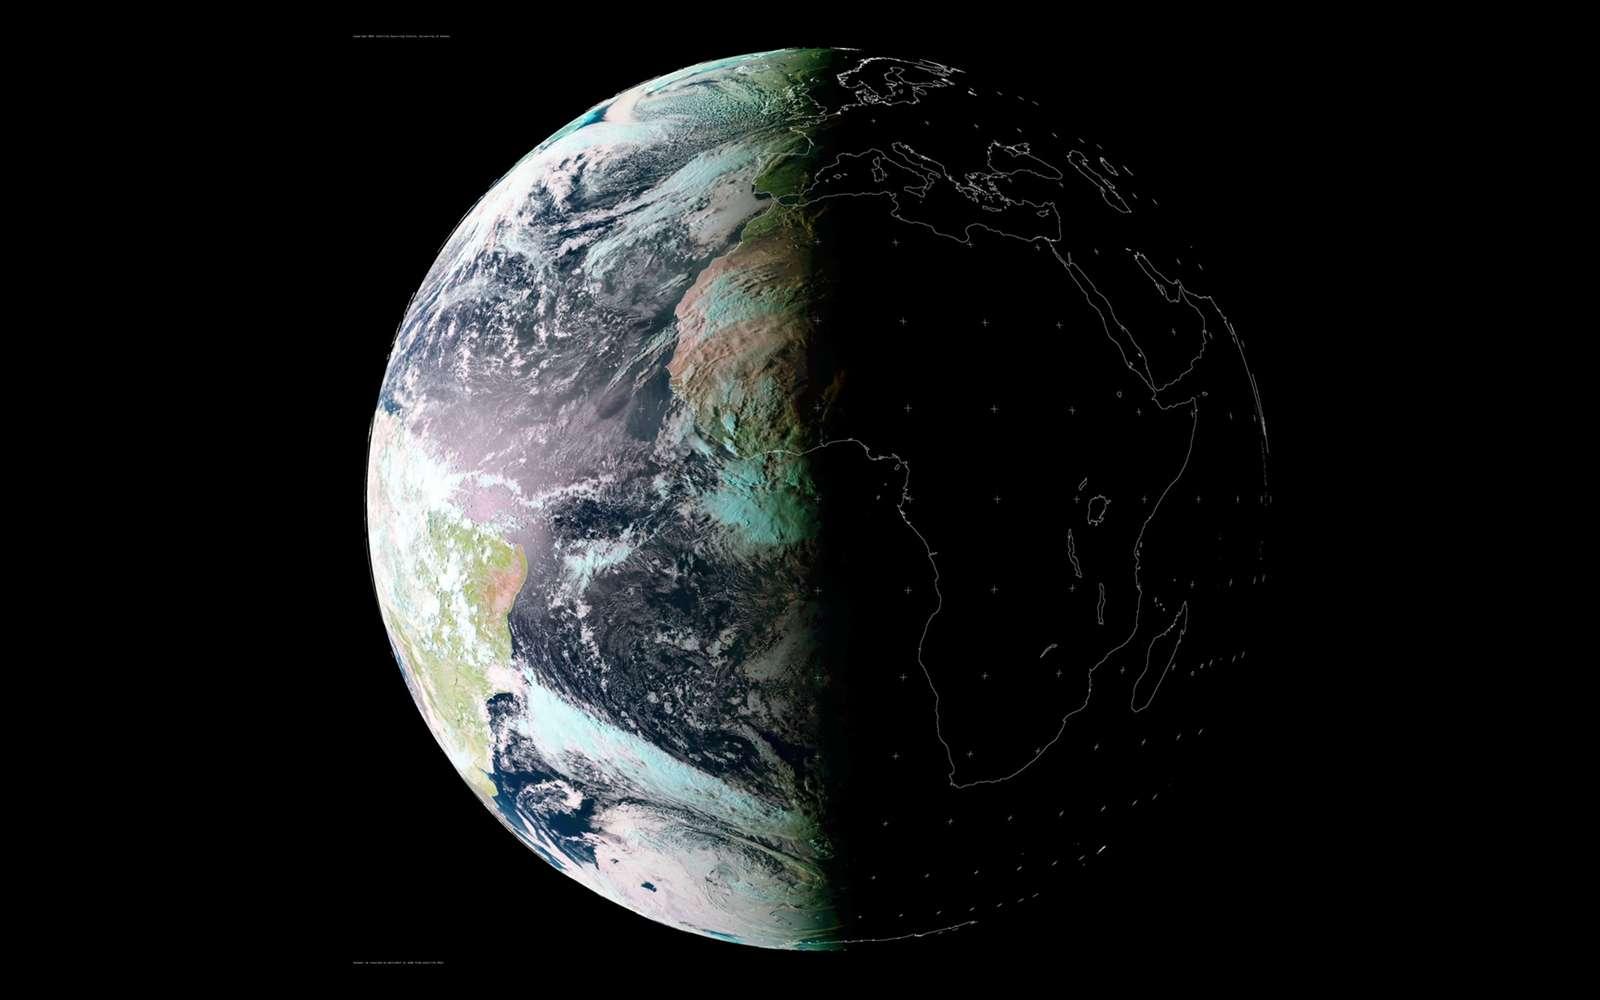 La Terre, un jour d'équinoxe. La durée du jour et de la nuit est quasiment la même pour tout le monde les jours des équinoxes d'automne et de printemps. © Meteosat Image ctsy. Univ. of Dundee in Scotland.